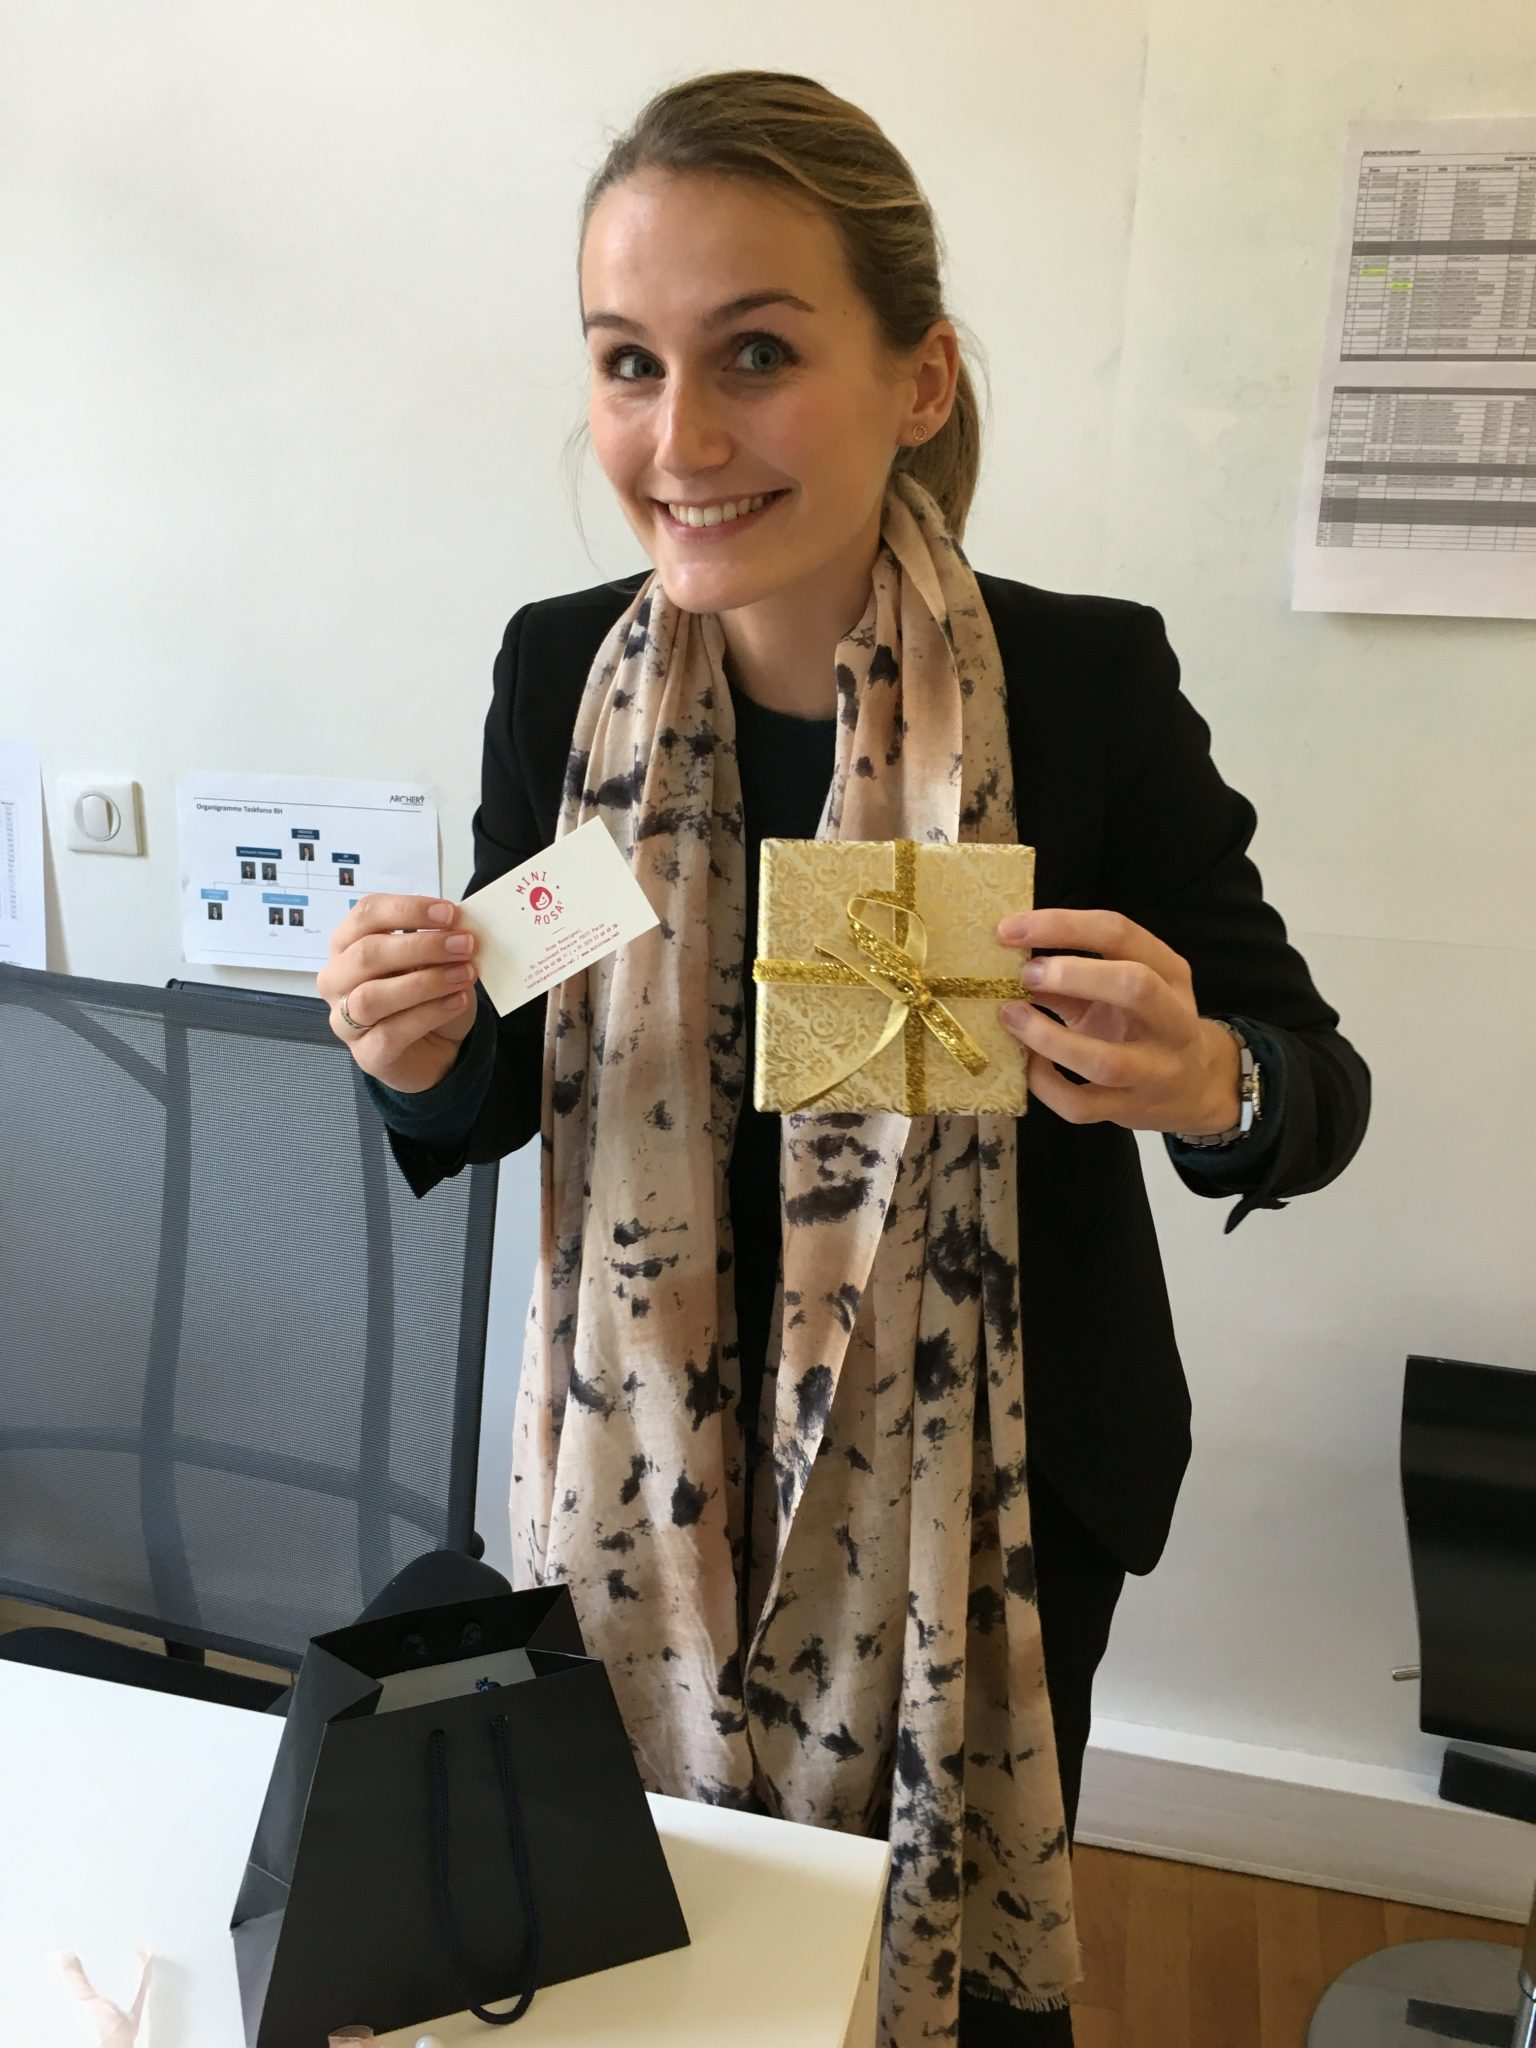 Manon, la gagnante du concours Mini Rosa / En Aparté